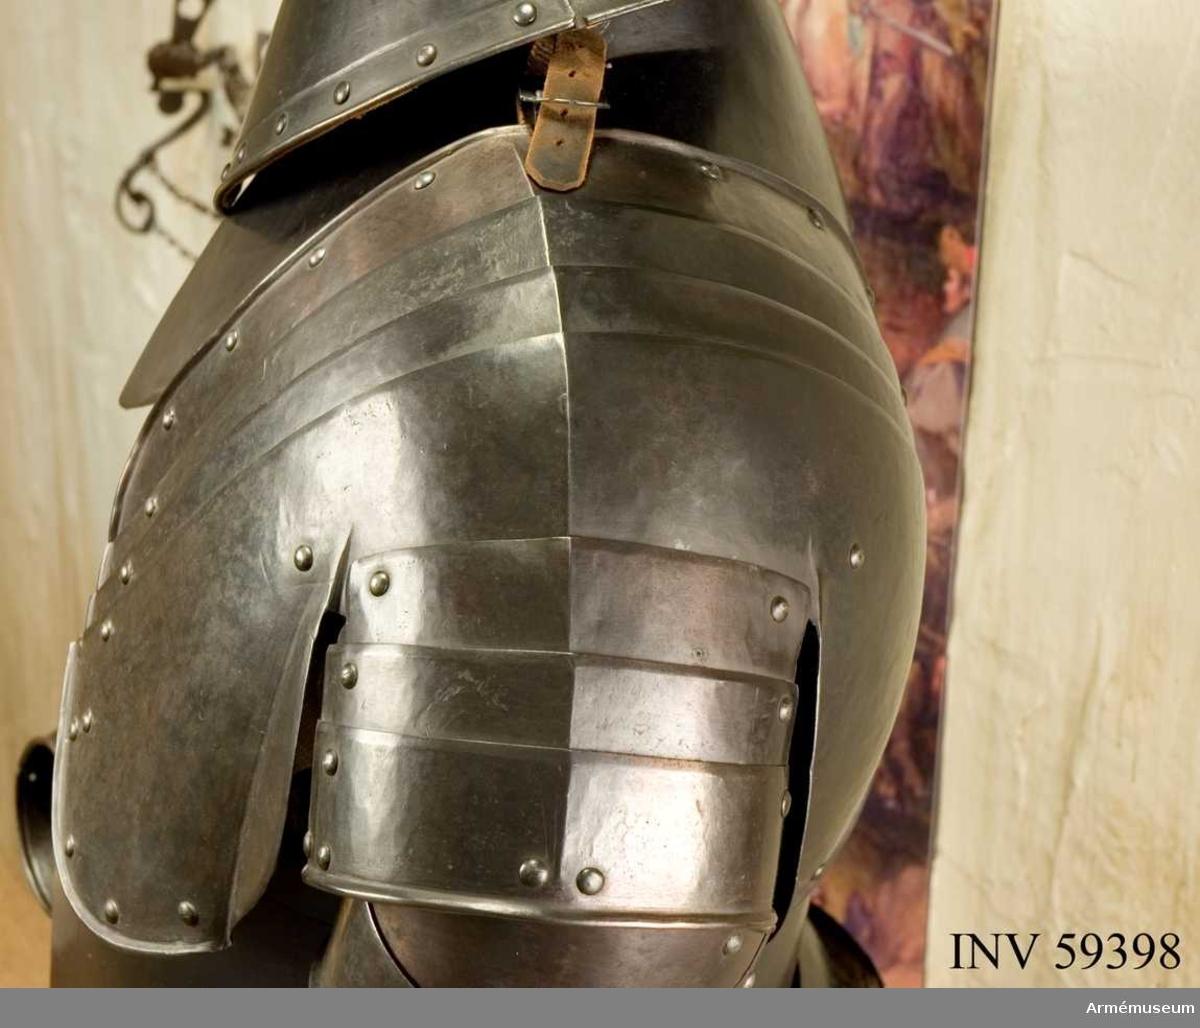 Grupp D IV. Vänster skulderskena. Ur ryttarrustning, s.k. halvrustning, för kyrrassiär 1600-1650, Danmark-Norge. Hela rustningen består av harnesk, halskrage, armskenor, skulderskenor, lårskenor, ländskört och visirhjälm.